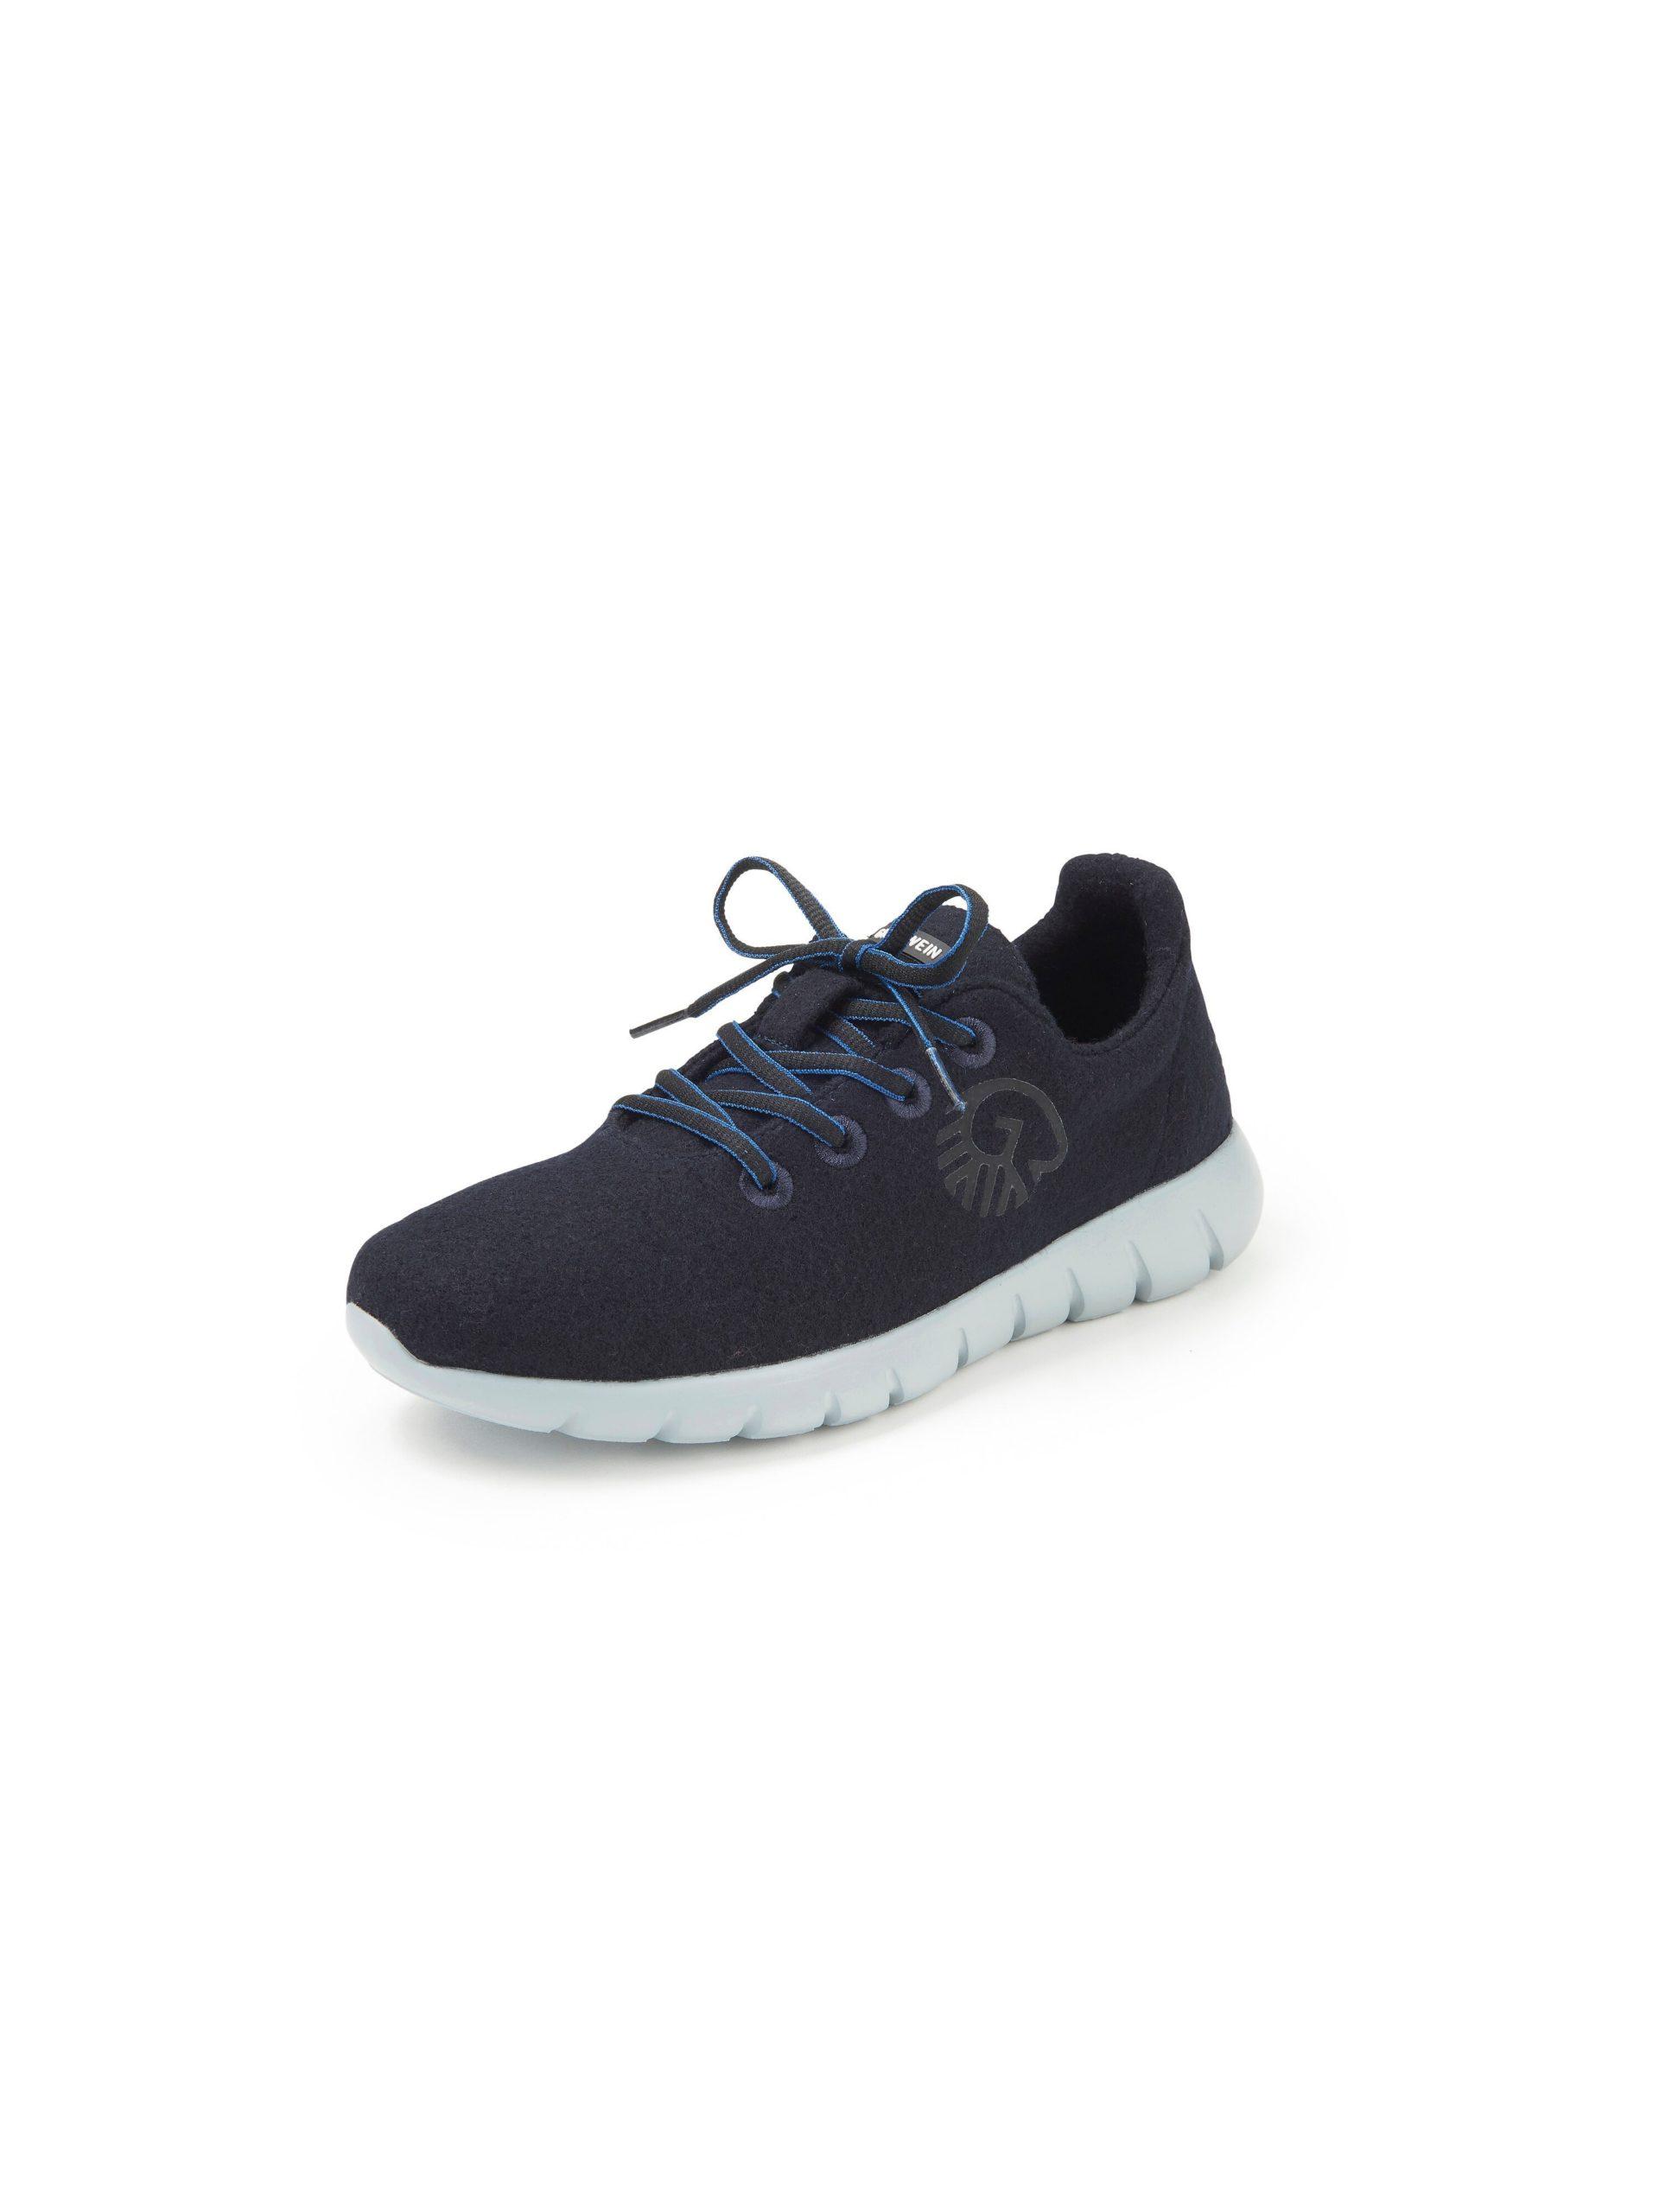 Sneakers model Merino Wool Runners Van Giesswein blauw Kopen